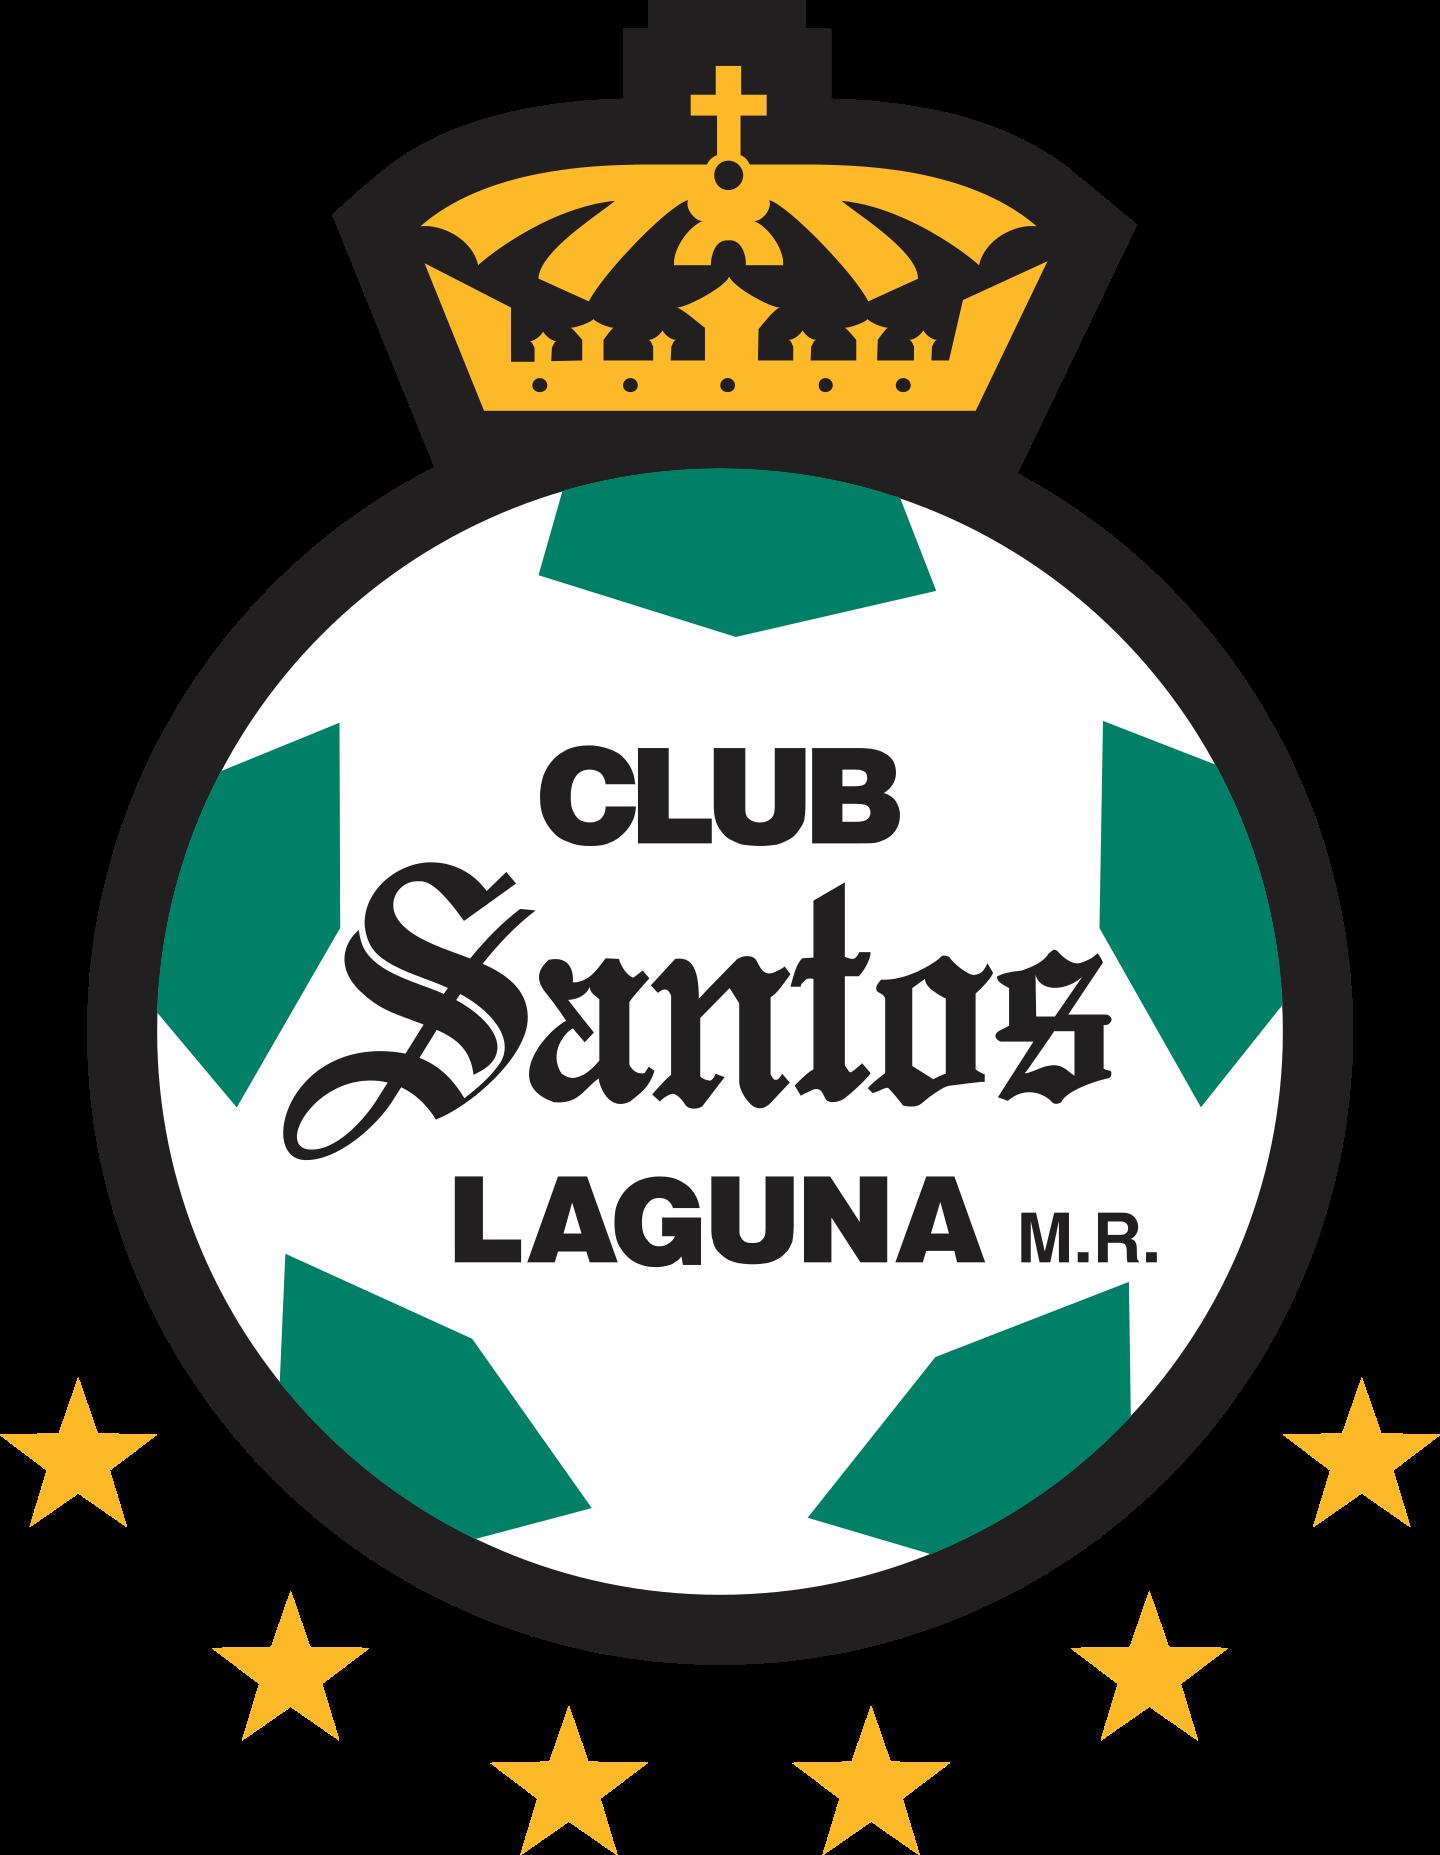 santos laguna logo 2 - Club Santos Laguna Logo